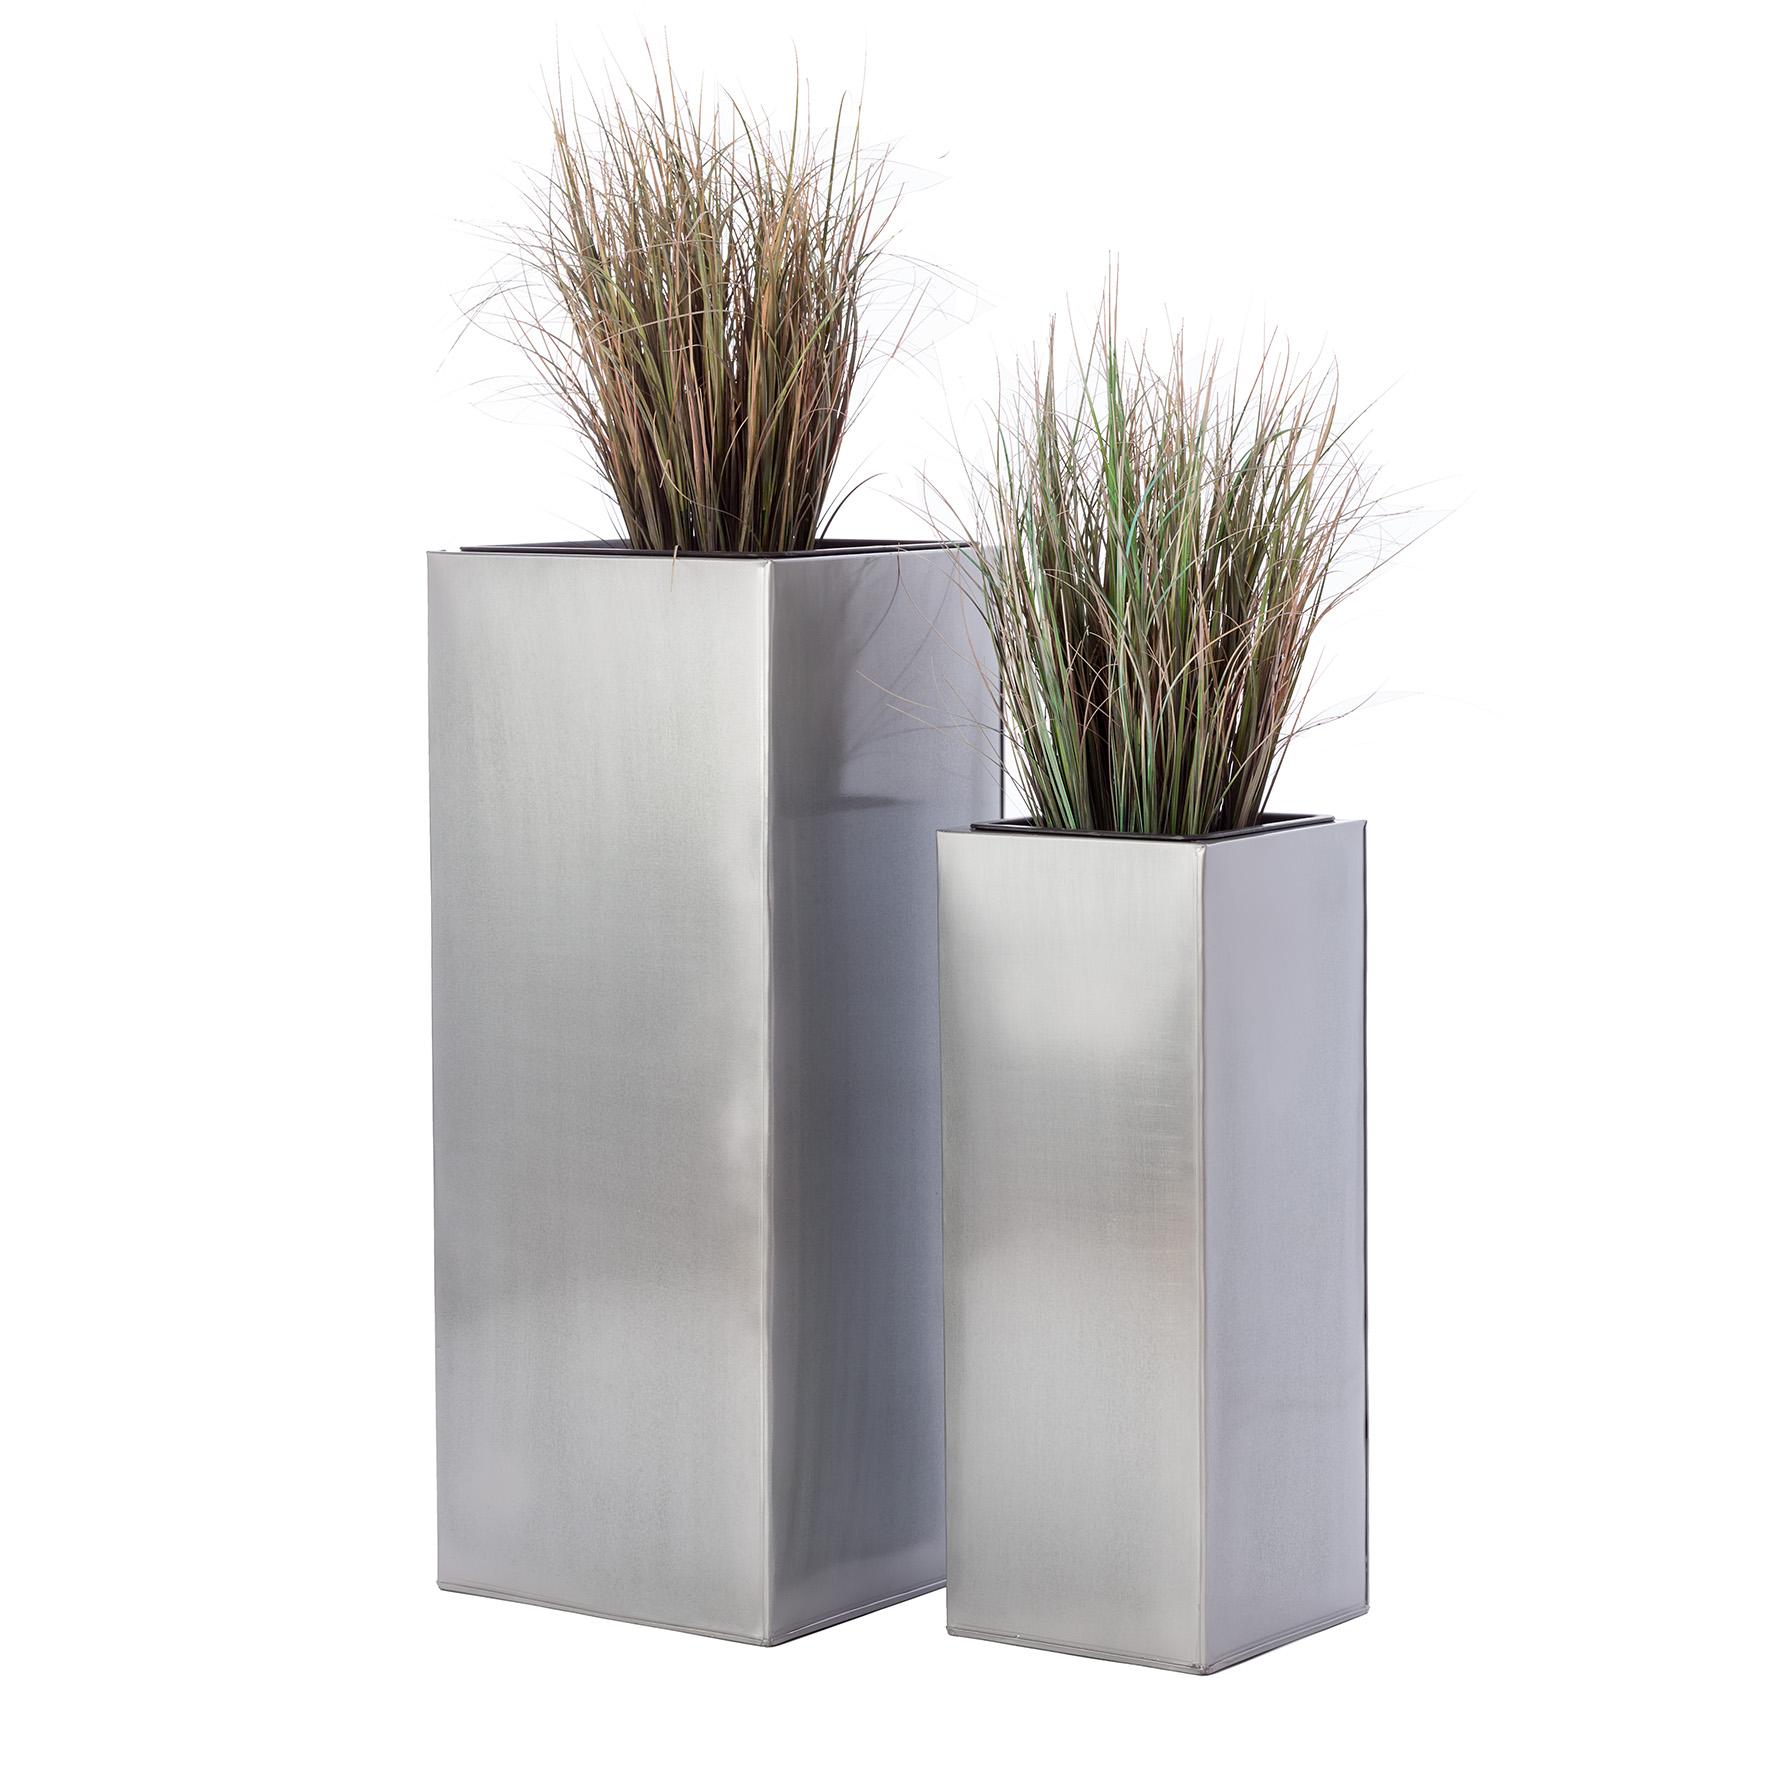 Zink Blumenkübel & Pflanzkübel online kaufen